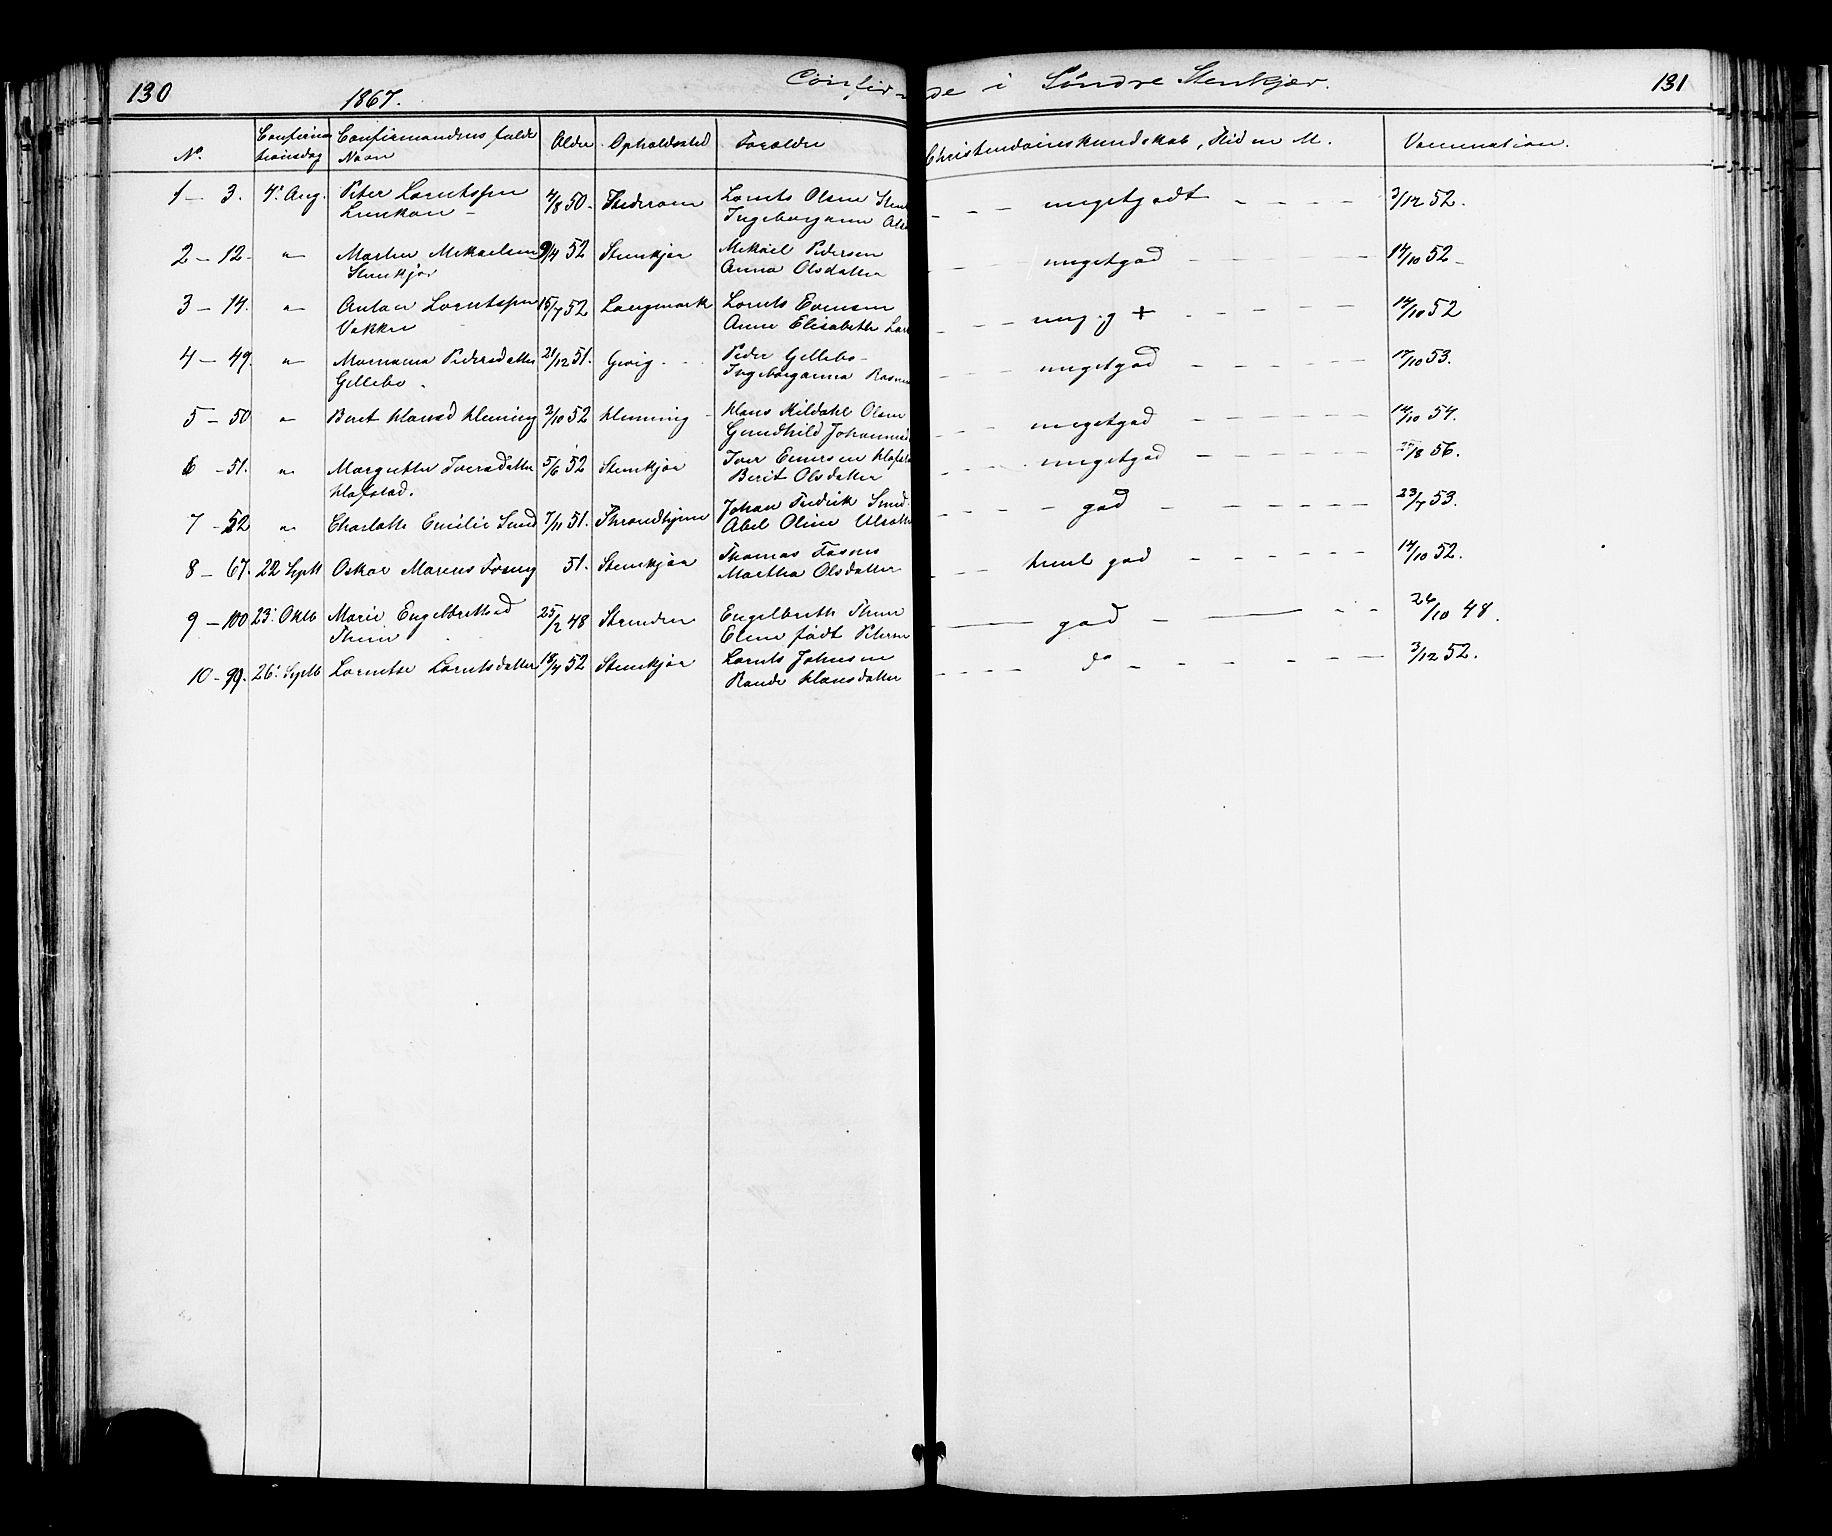 SAT, Ministerialprotokoller, klokkerbøker og fødselsregistre - Nord-Trøndelag, 739/L0367: Ministerialbok nr. 739A01 /1, 1838-1868, s. 130-131